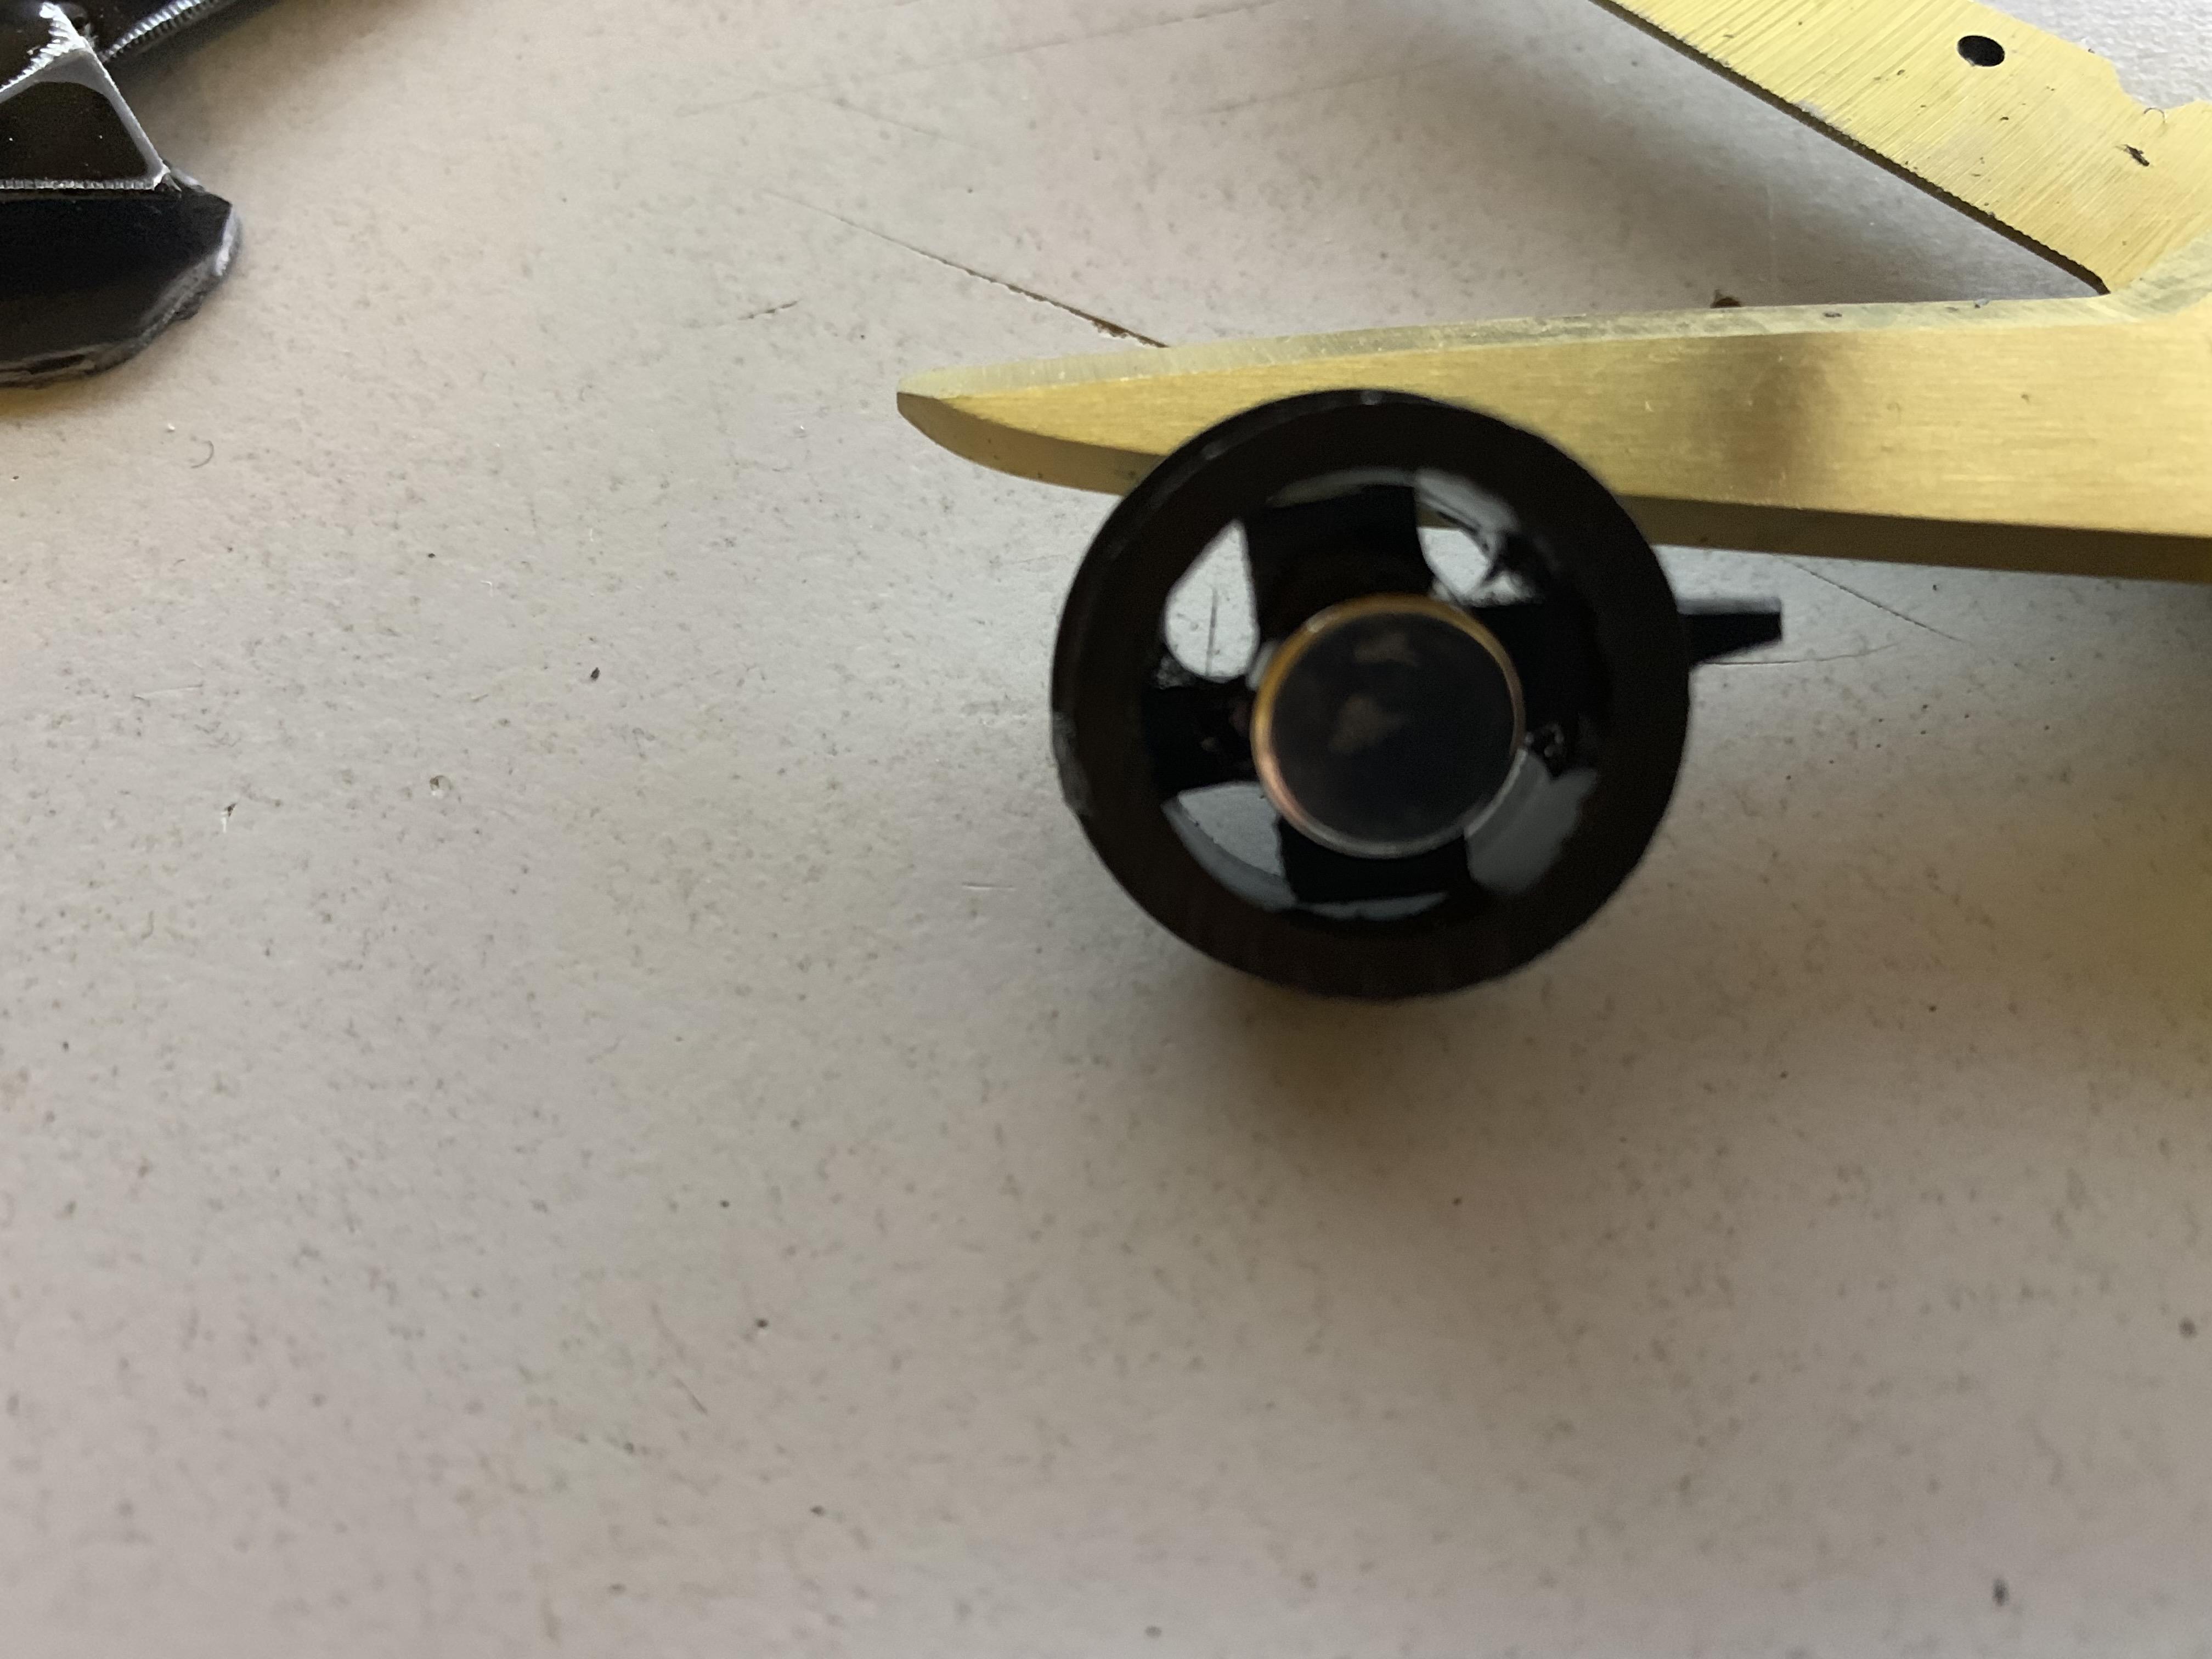 s438647550.online.de/PICS/Magnet_2.JPG